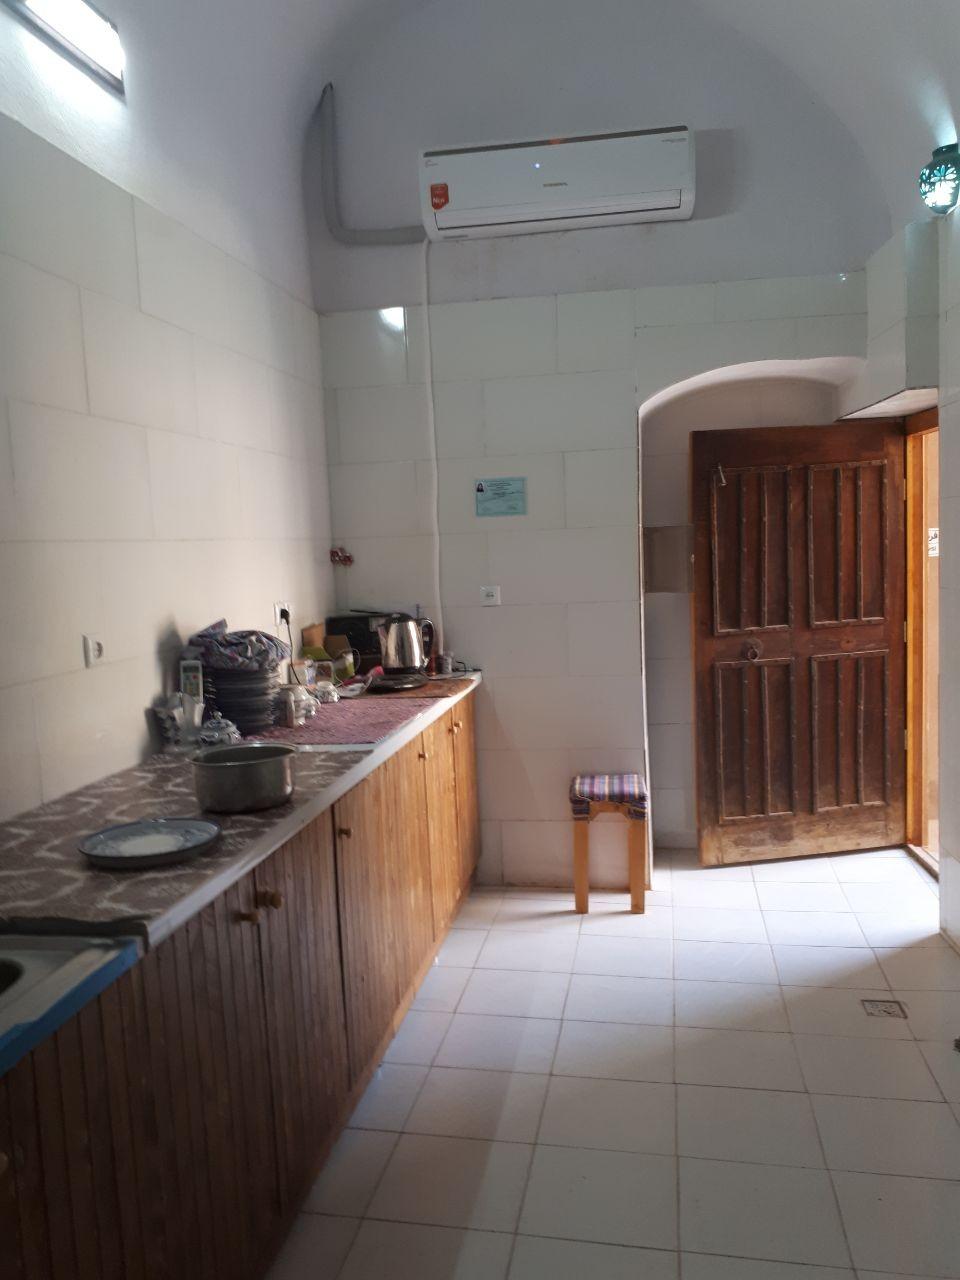 شهری اقامتگاه سنتی در شهداد یزد -استراحتگاه مولوی